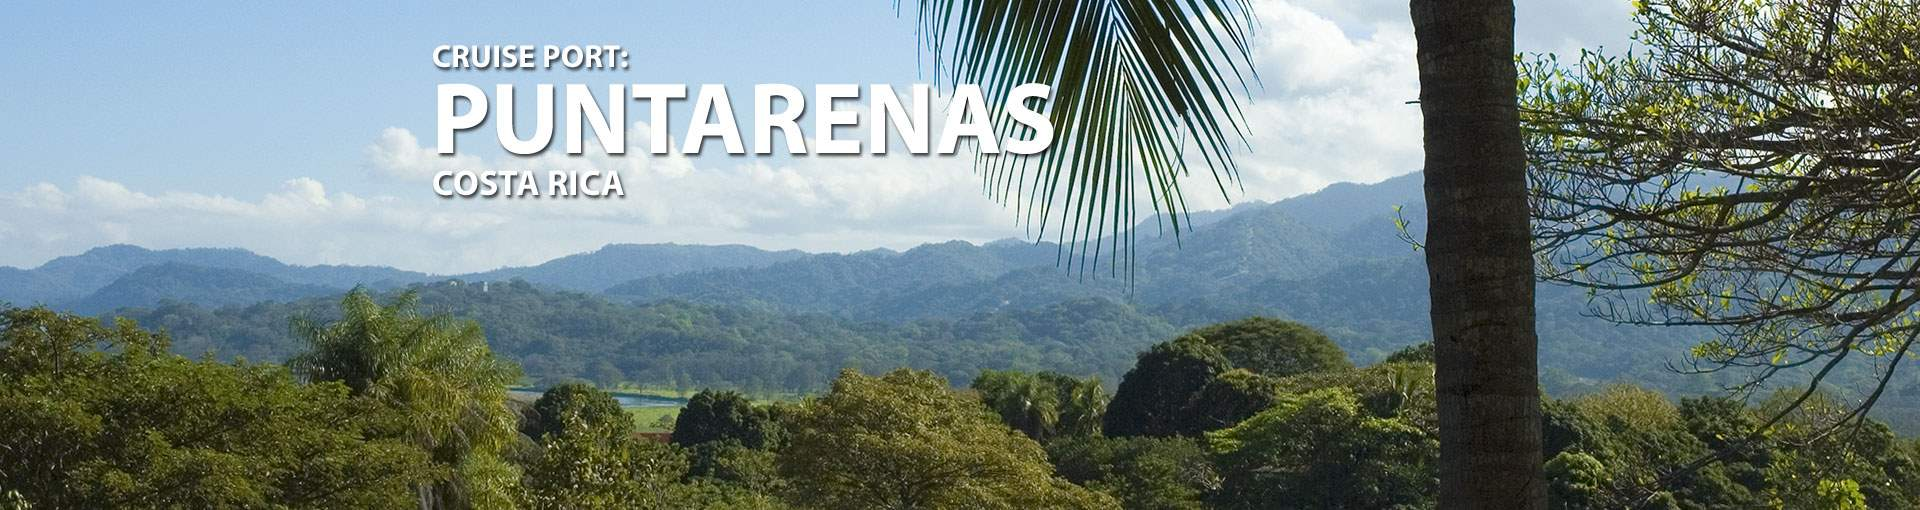 Cruises to Puntarenas, Costa Rica